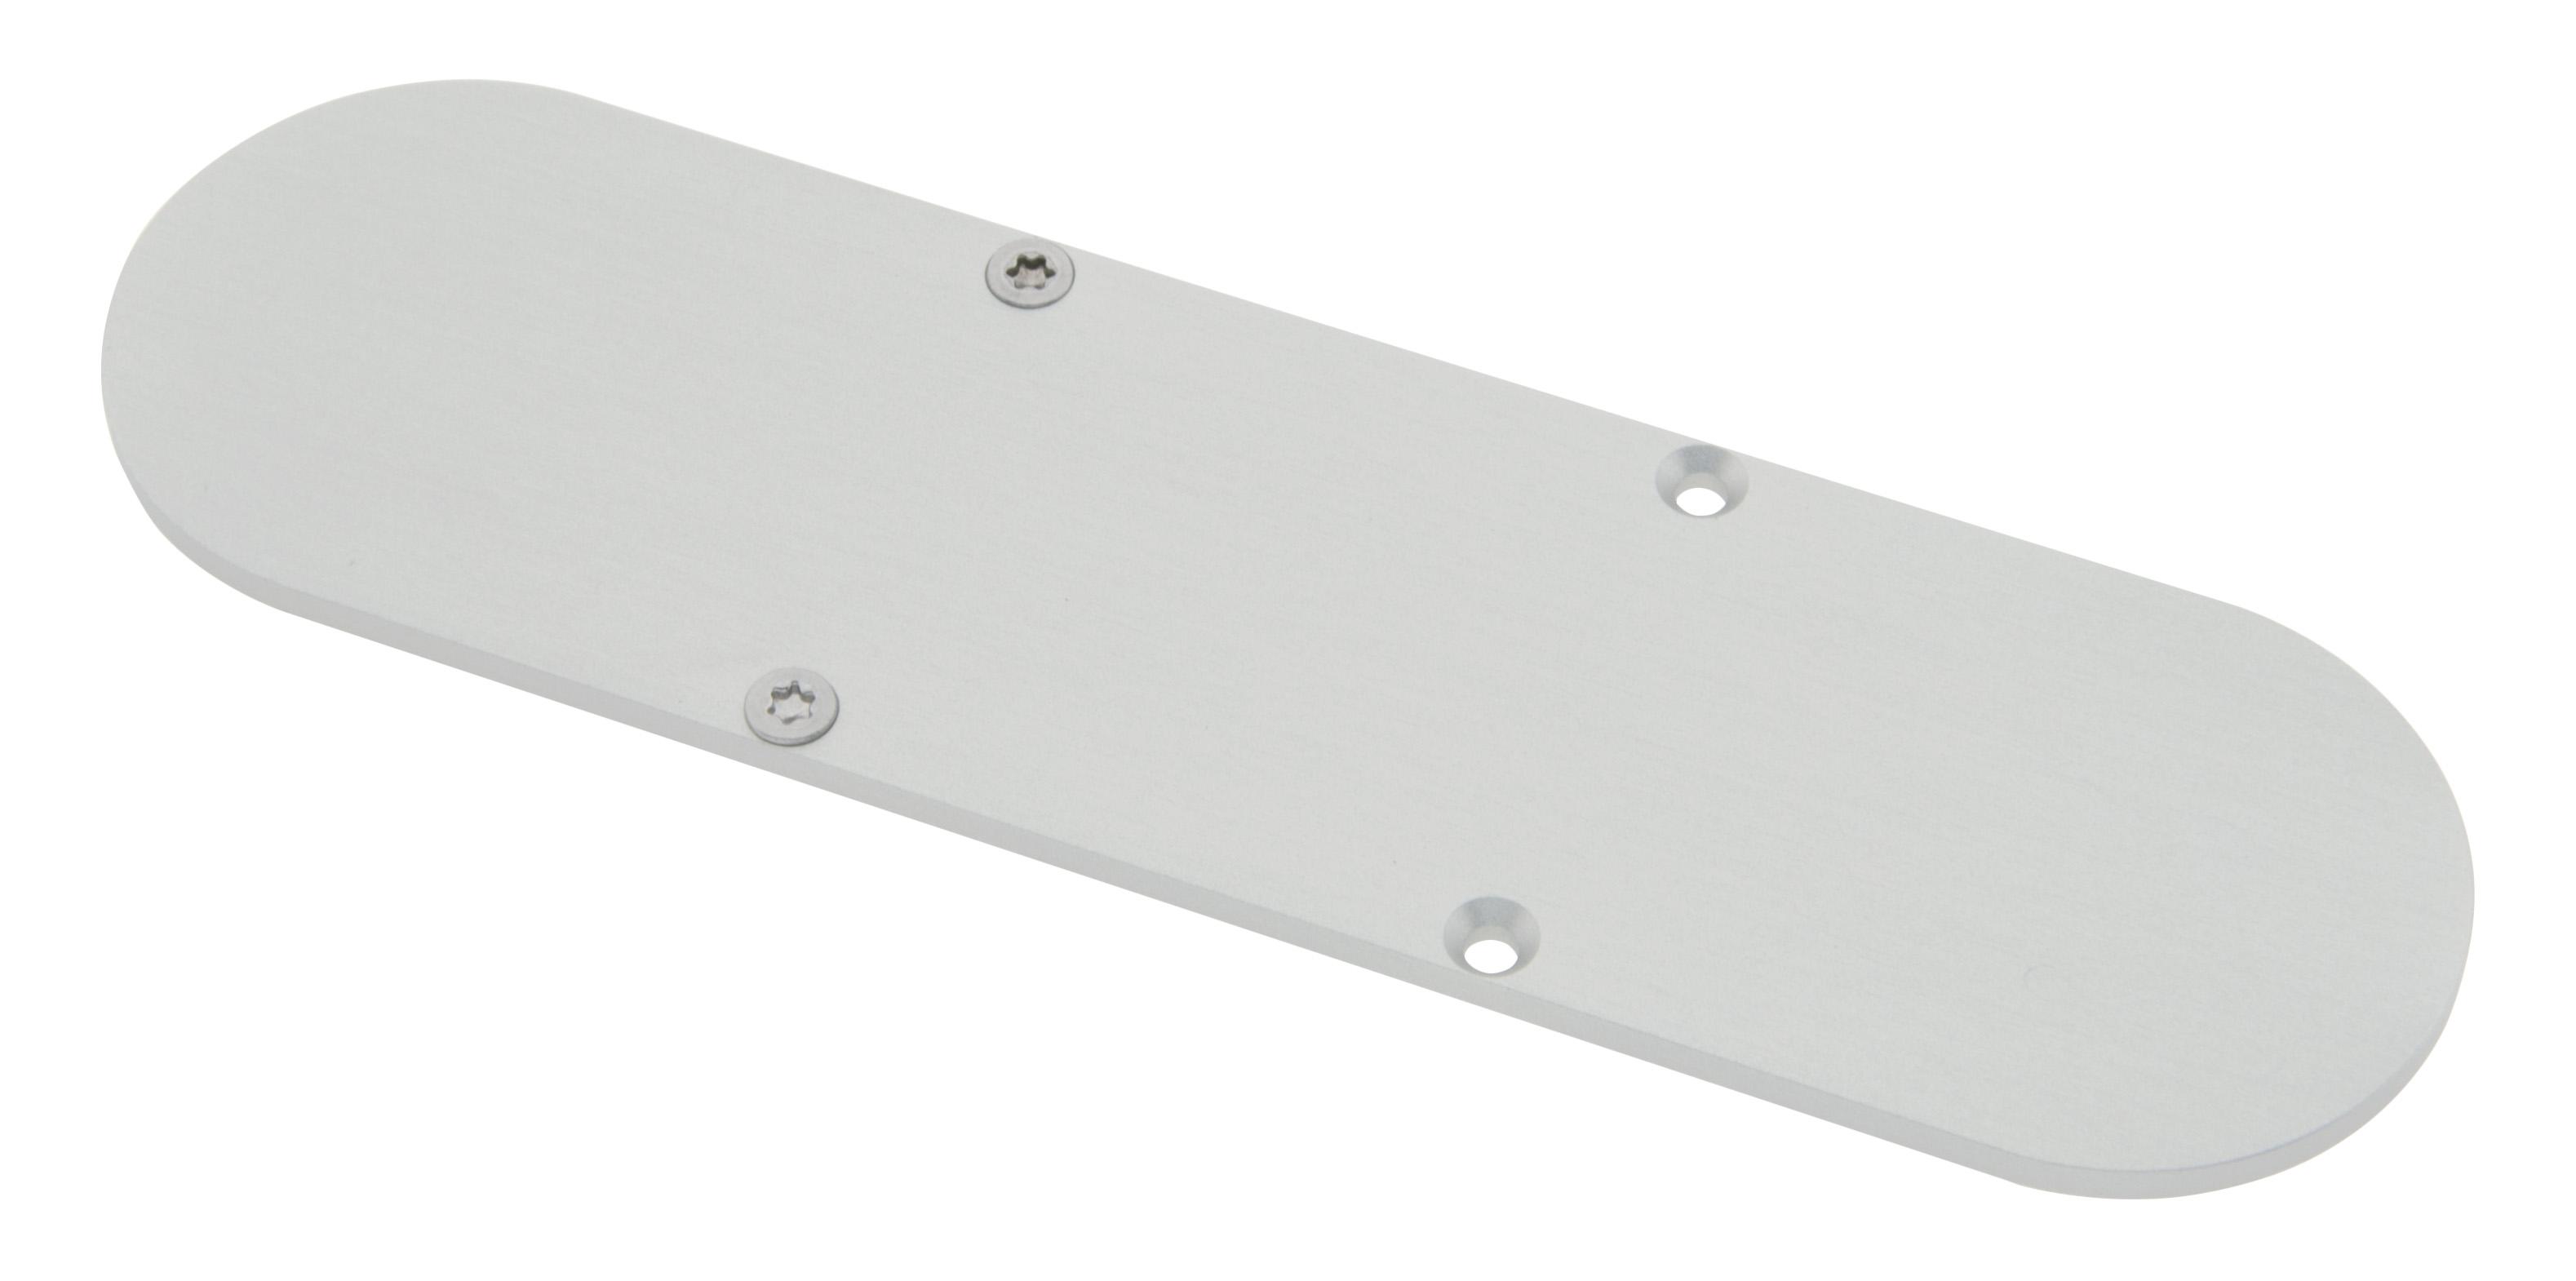 1 Stk Profil Endkappe CLW Rund geschlossen inkl. Schrauben LIEK006510